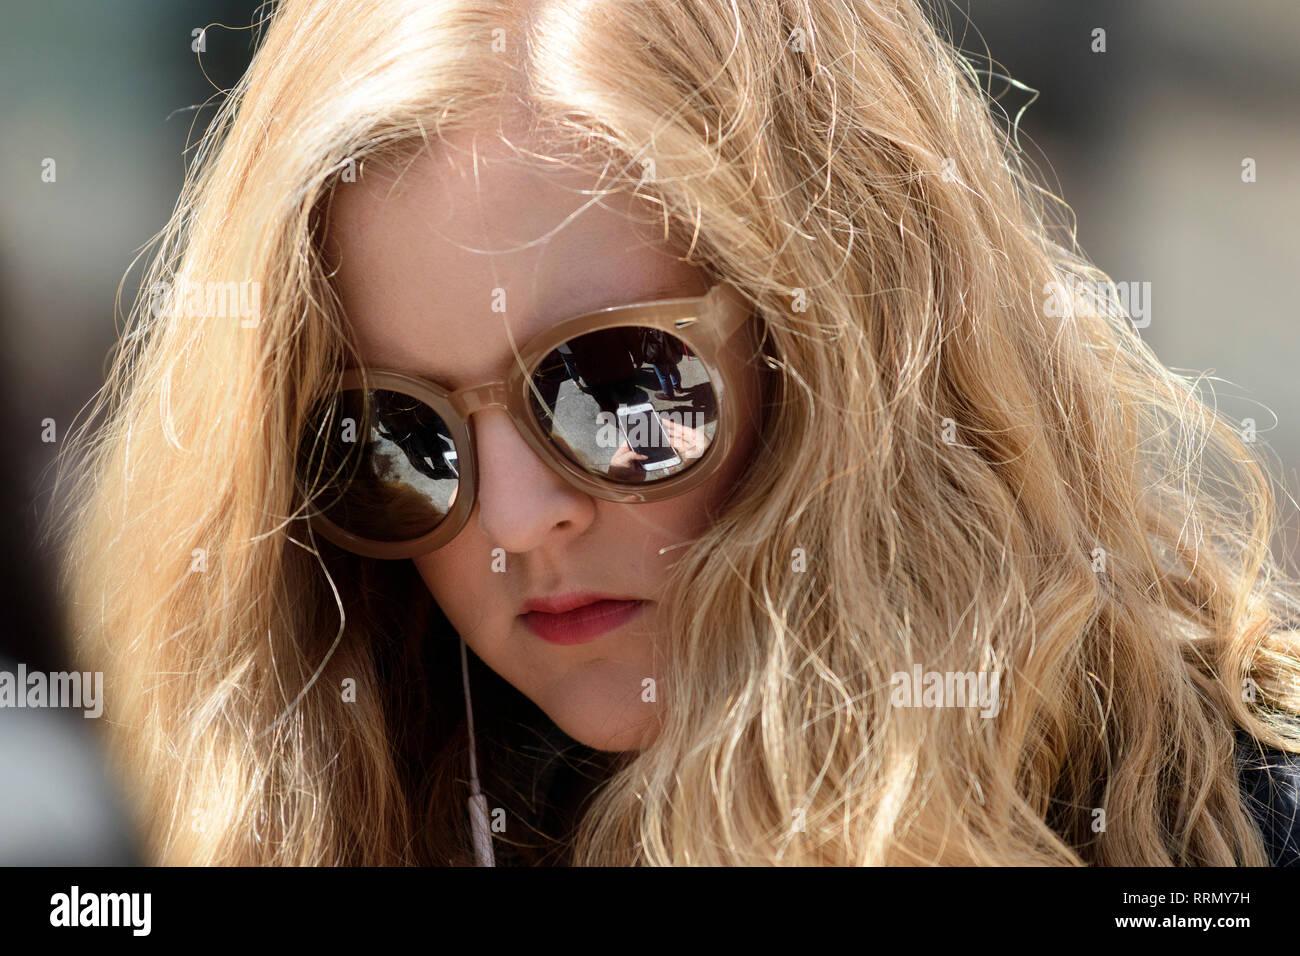 Stati Uniti d'America, America, New York Manhattan, il Luogo di Astor, ragazza con occhiali da sole guardando i phone Immagini Stock